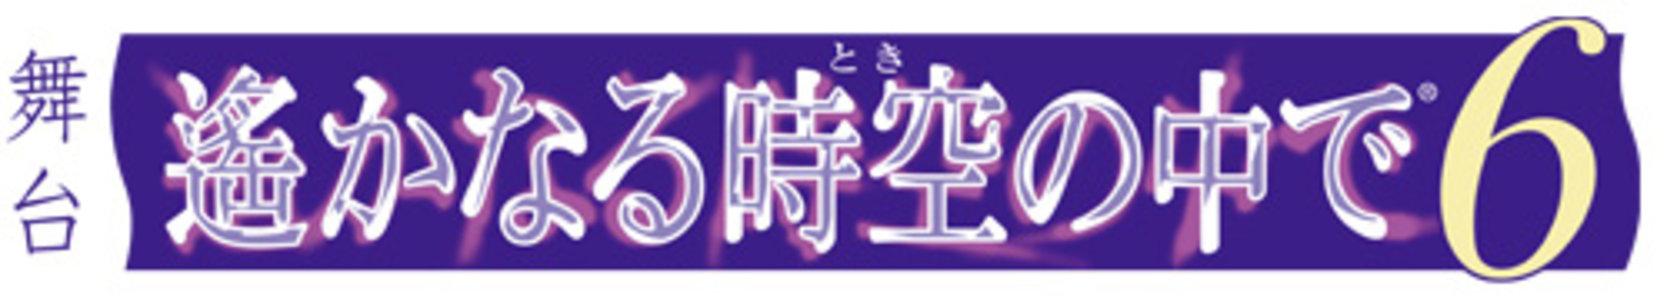 舞台「遙かなる時空の中で6」11/30夜公演